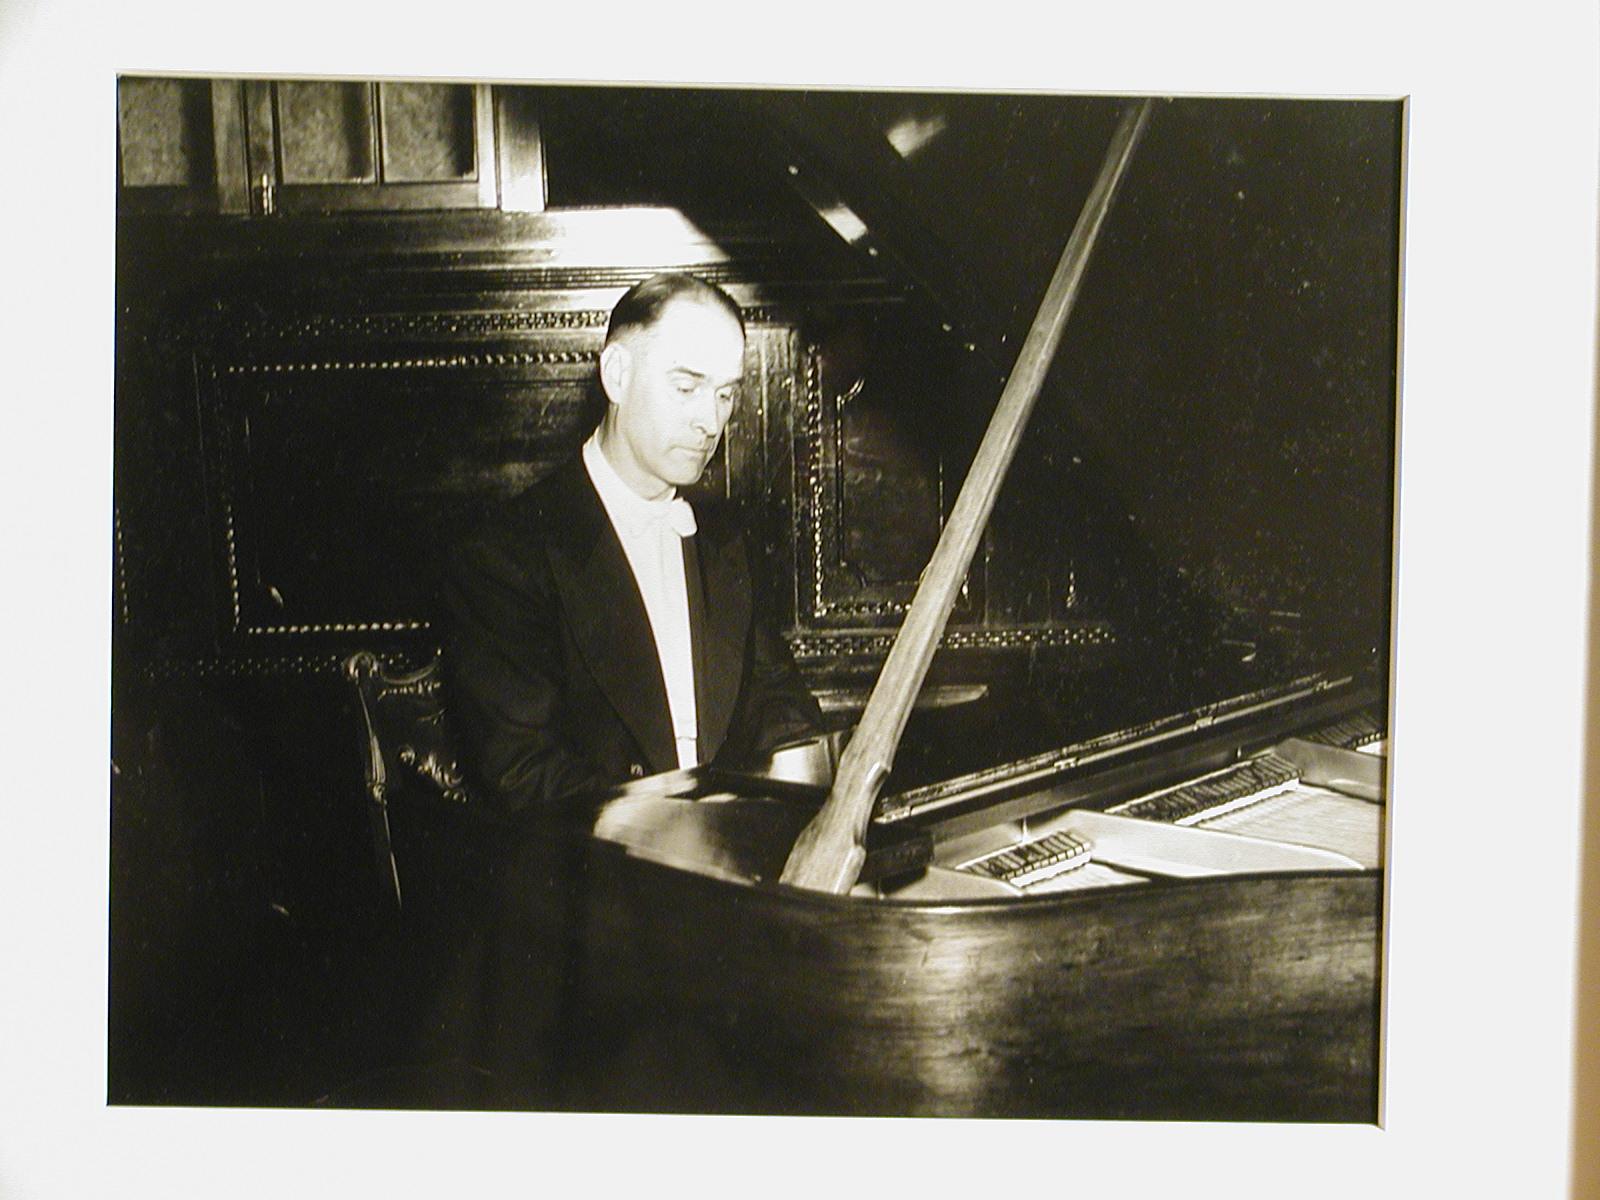 Paul Roe Goodman in Havana